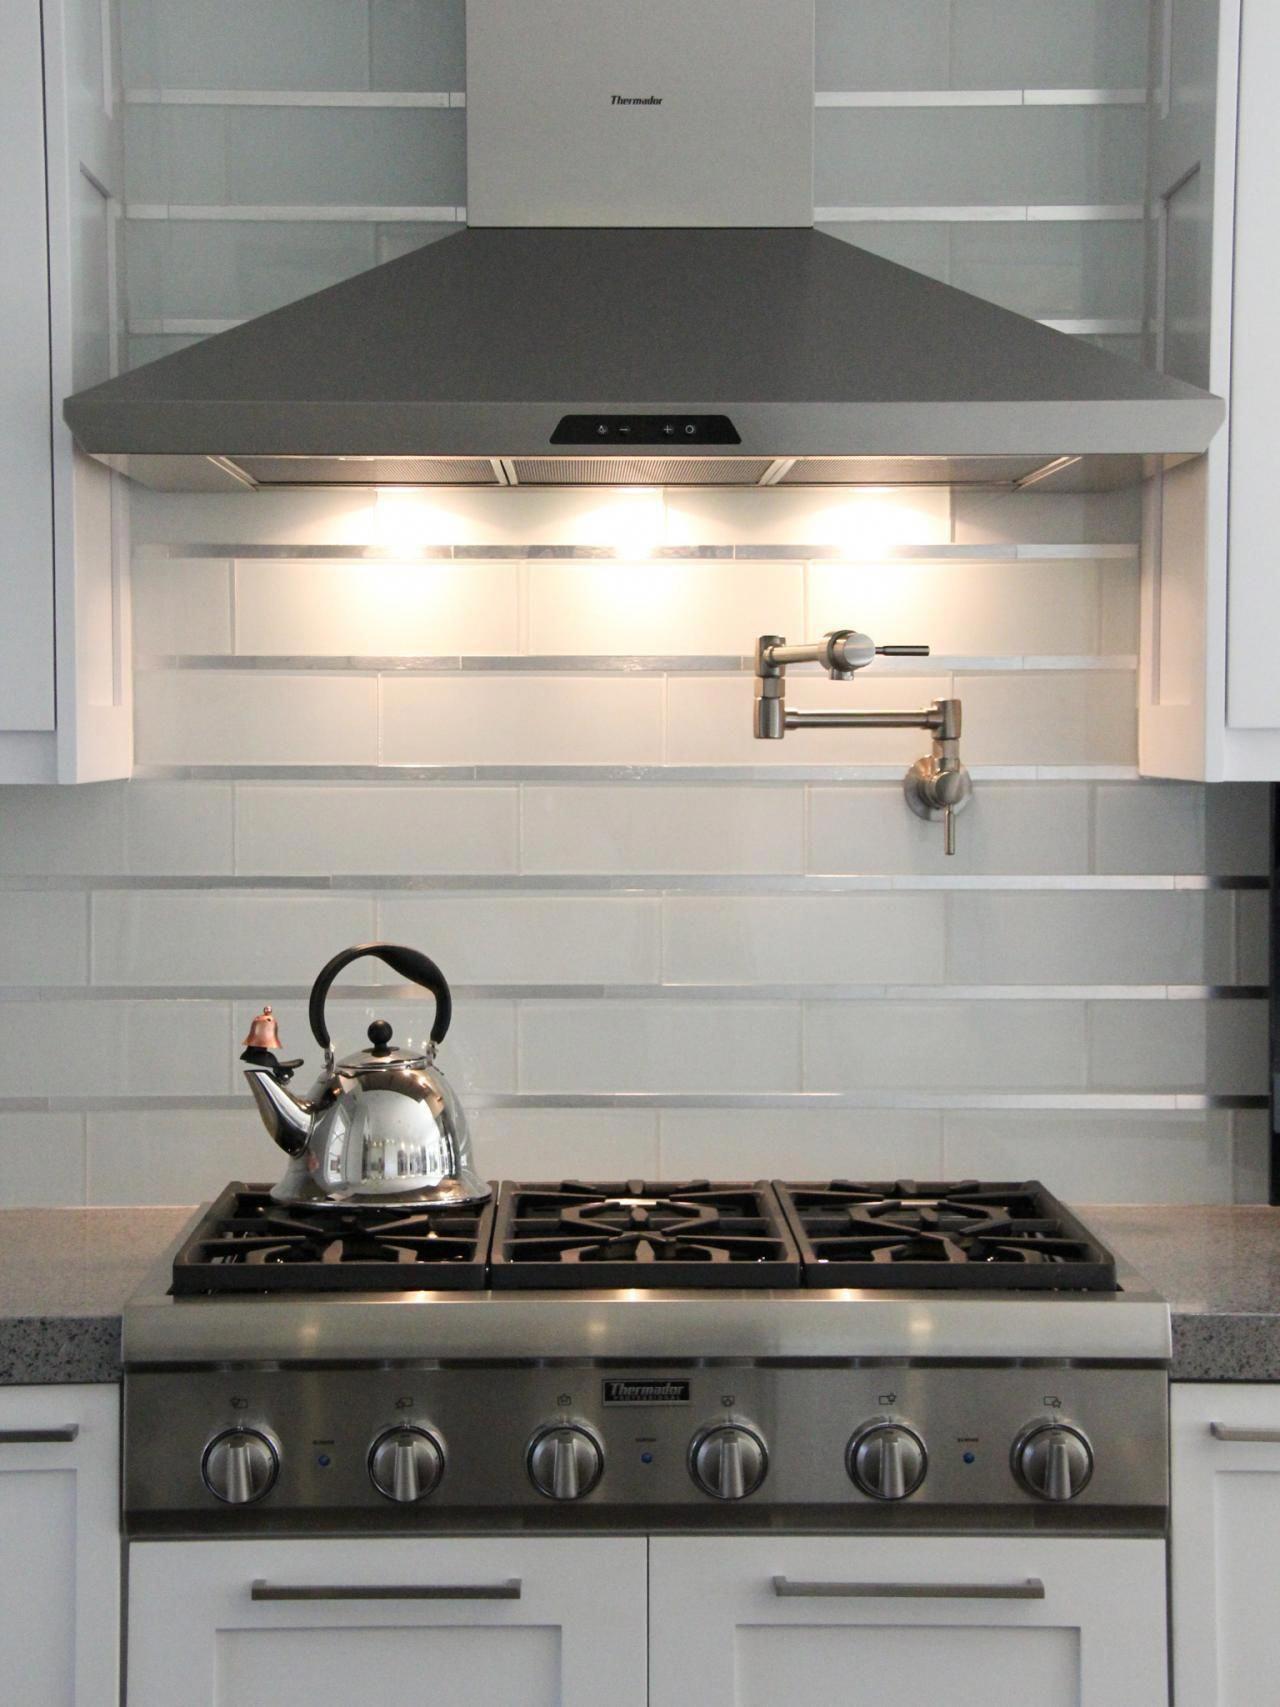 stainless steel kitchen backsplashes kitchen ideas u design